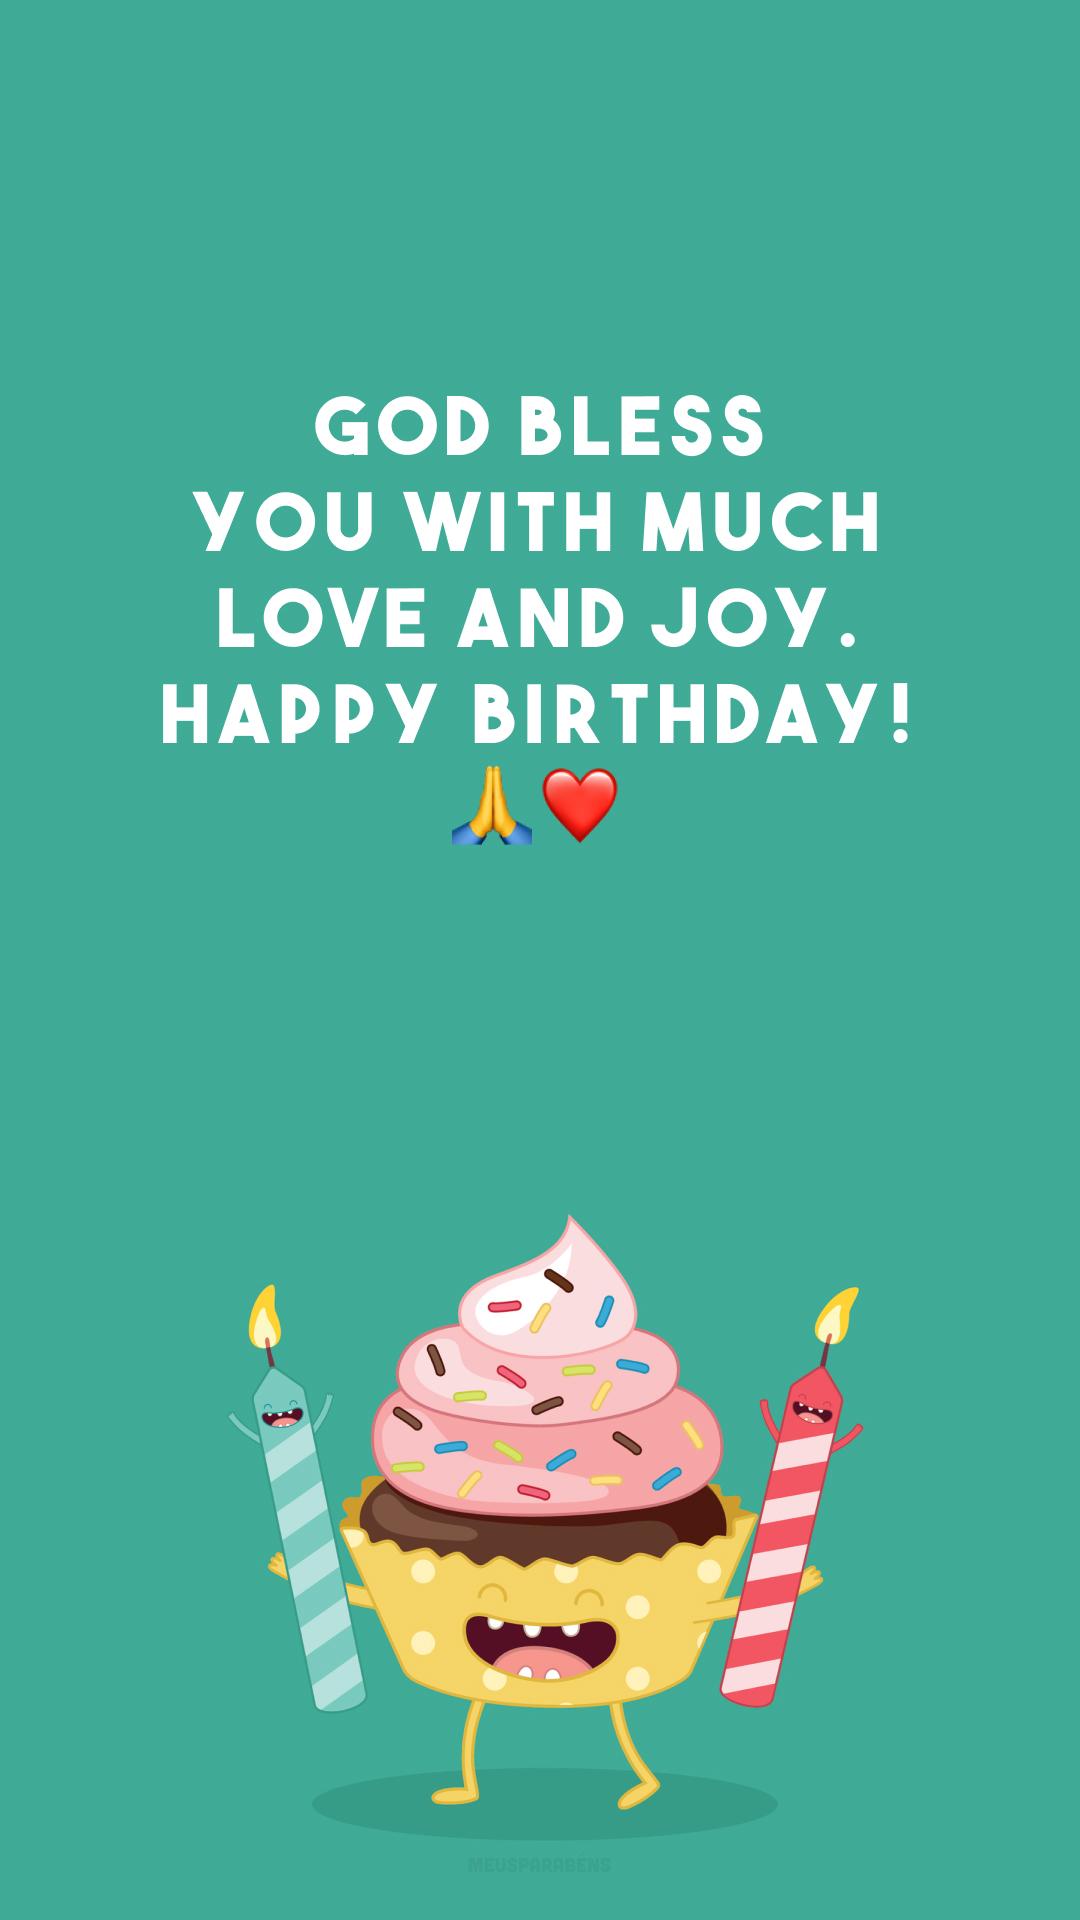 God bless you with much love and joy. Happy birthday! 🙏❤️ (Que Deus te abençoe com muito amor e alegrias. Feliz aniversário!)